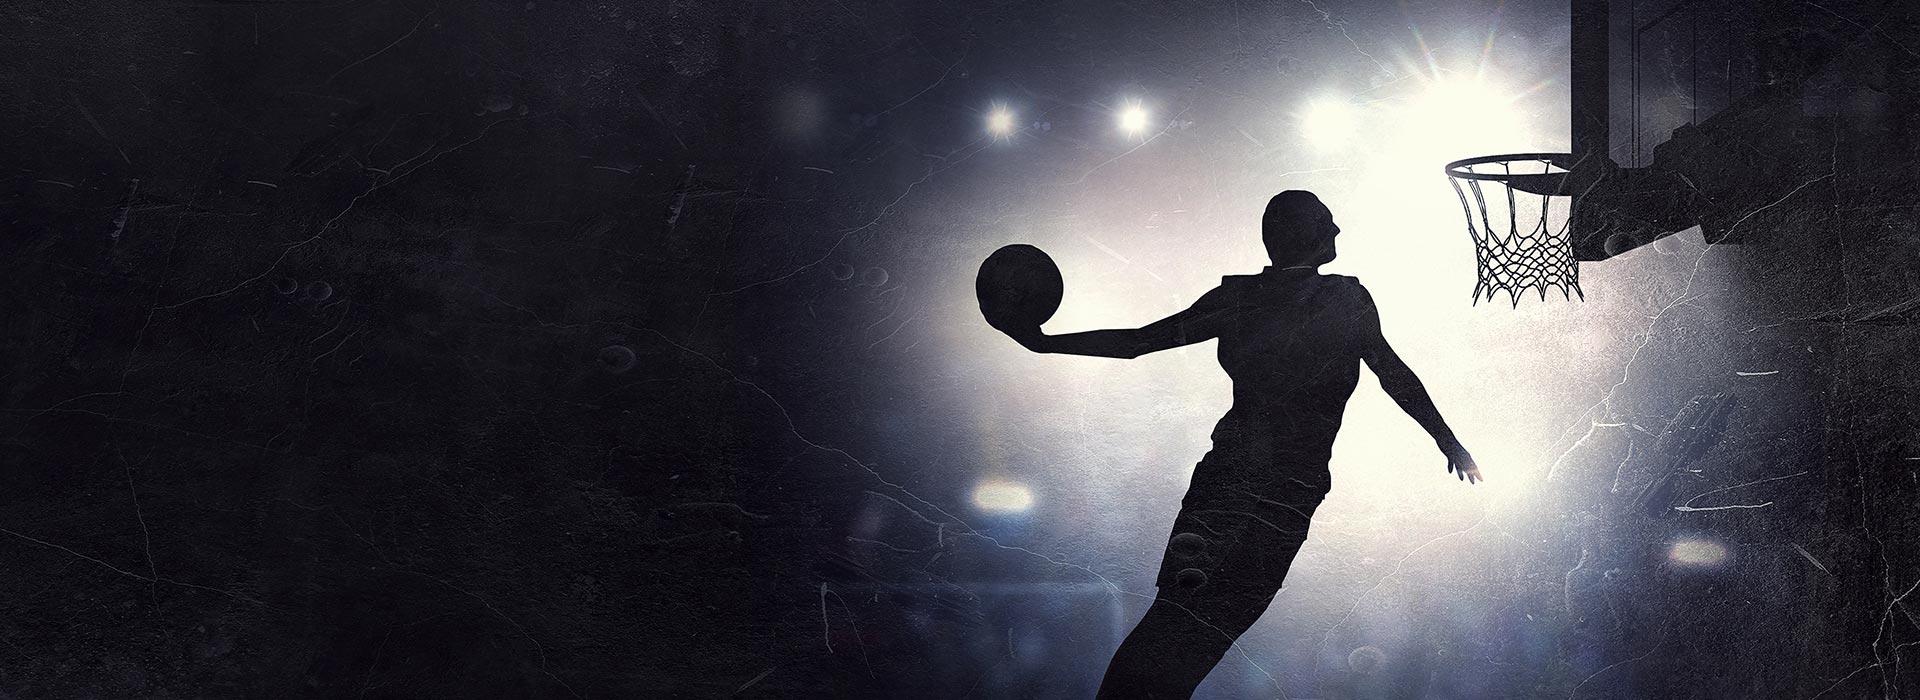 street-games-slider-basket